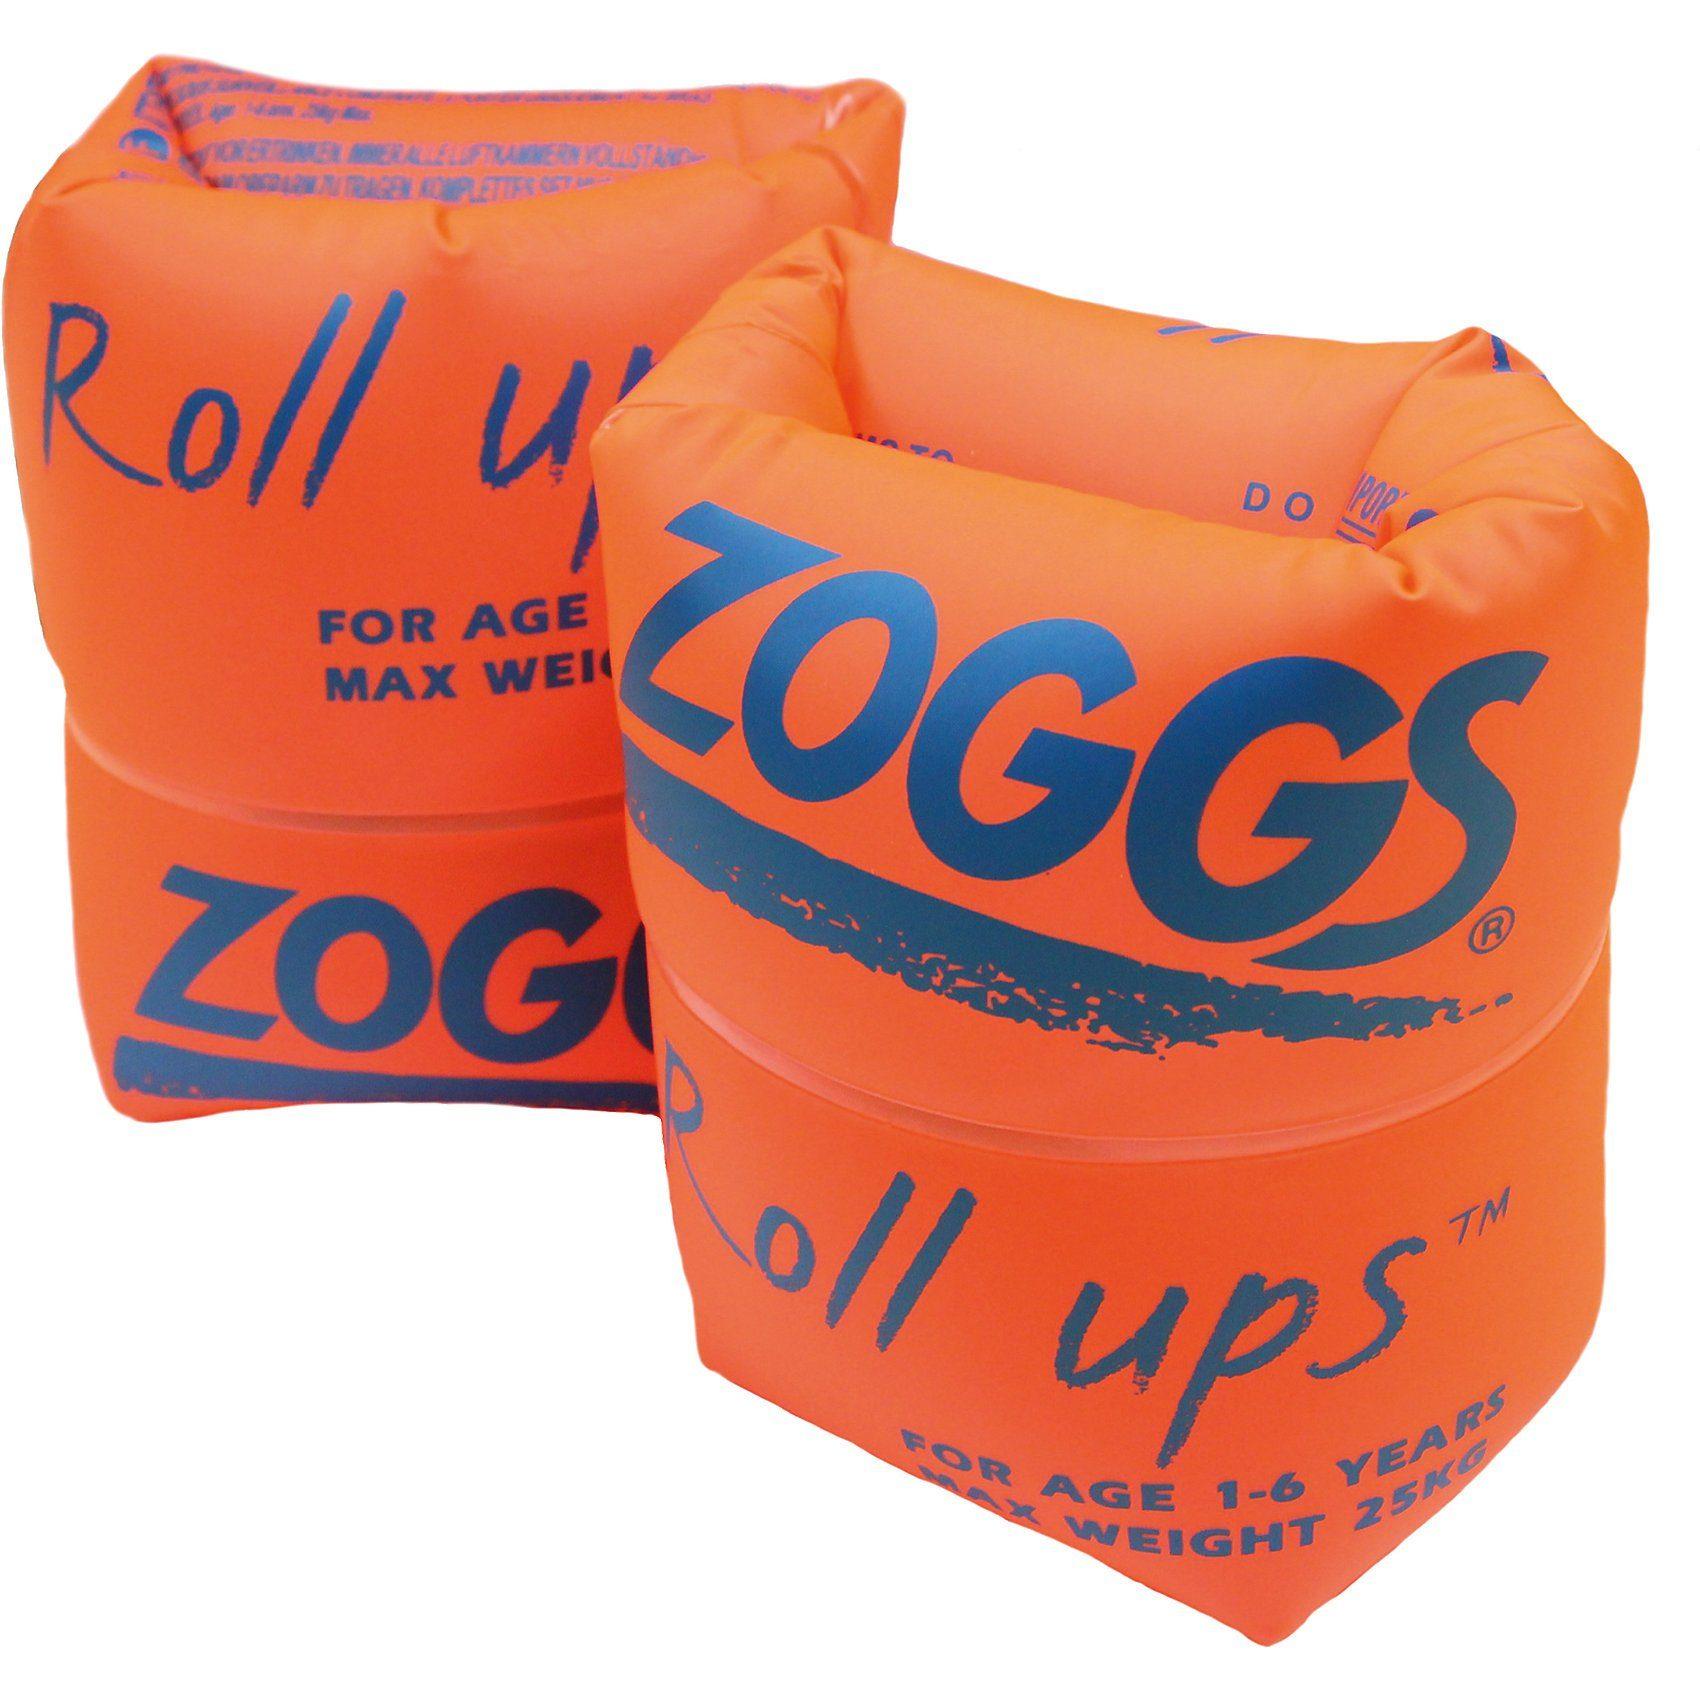 Zoggs Schwimmhilfe Roll Ups 0-50 kg, orange